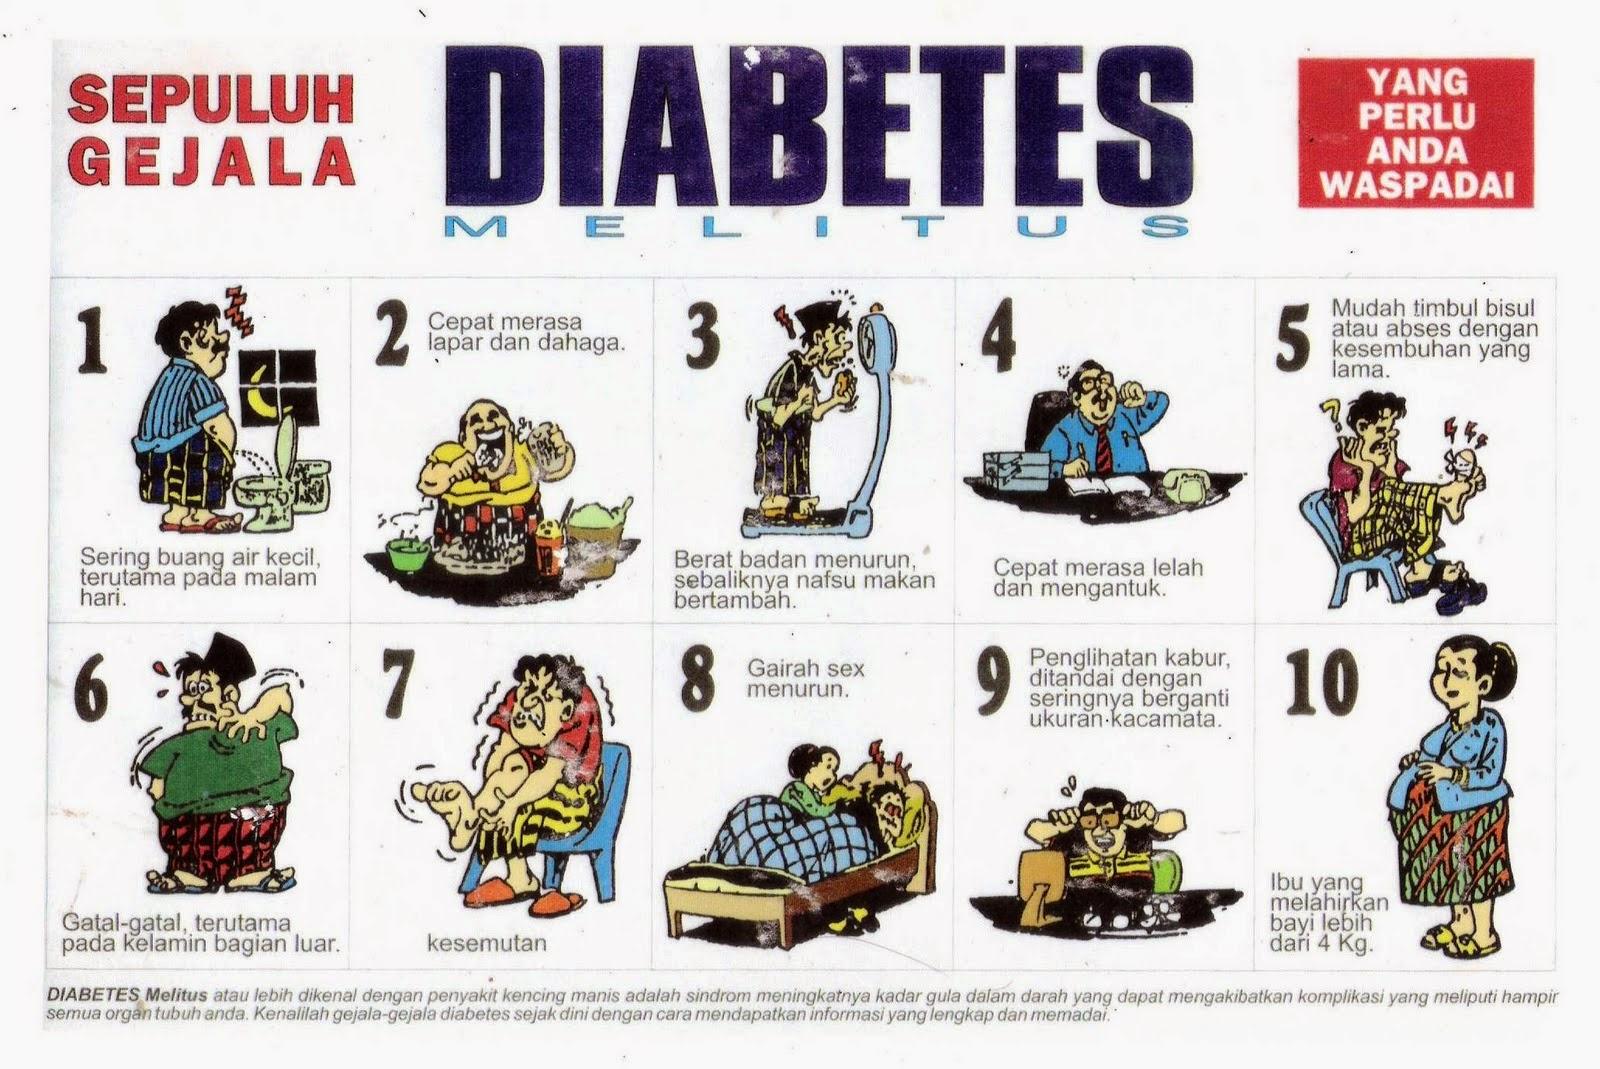 Obat tradisional diabetes paling ampuh